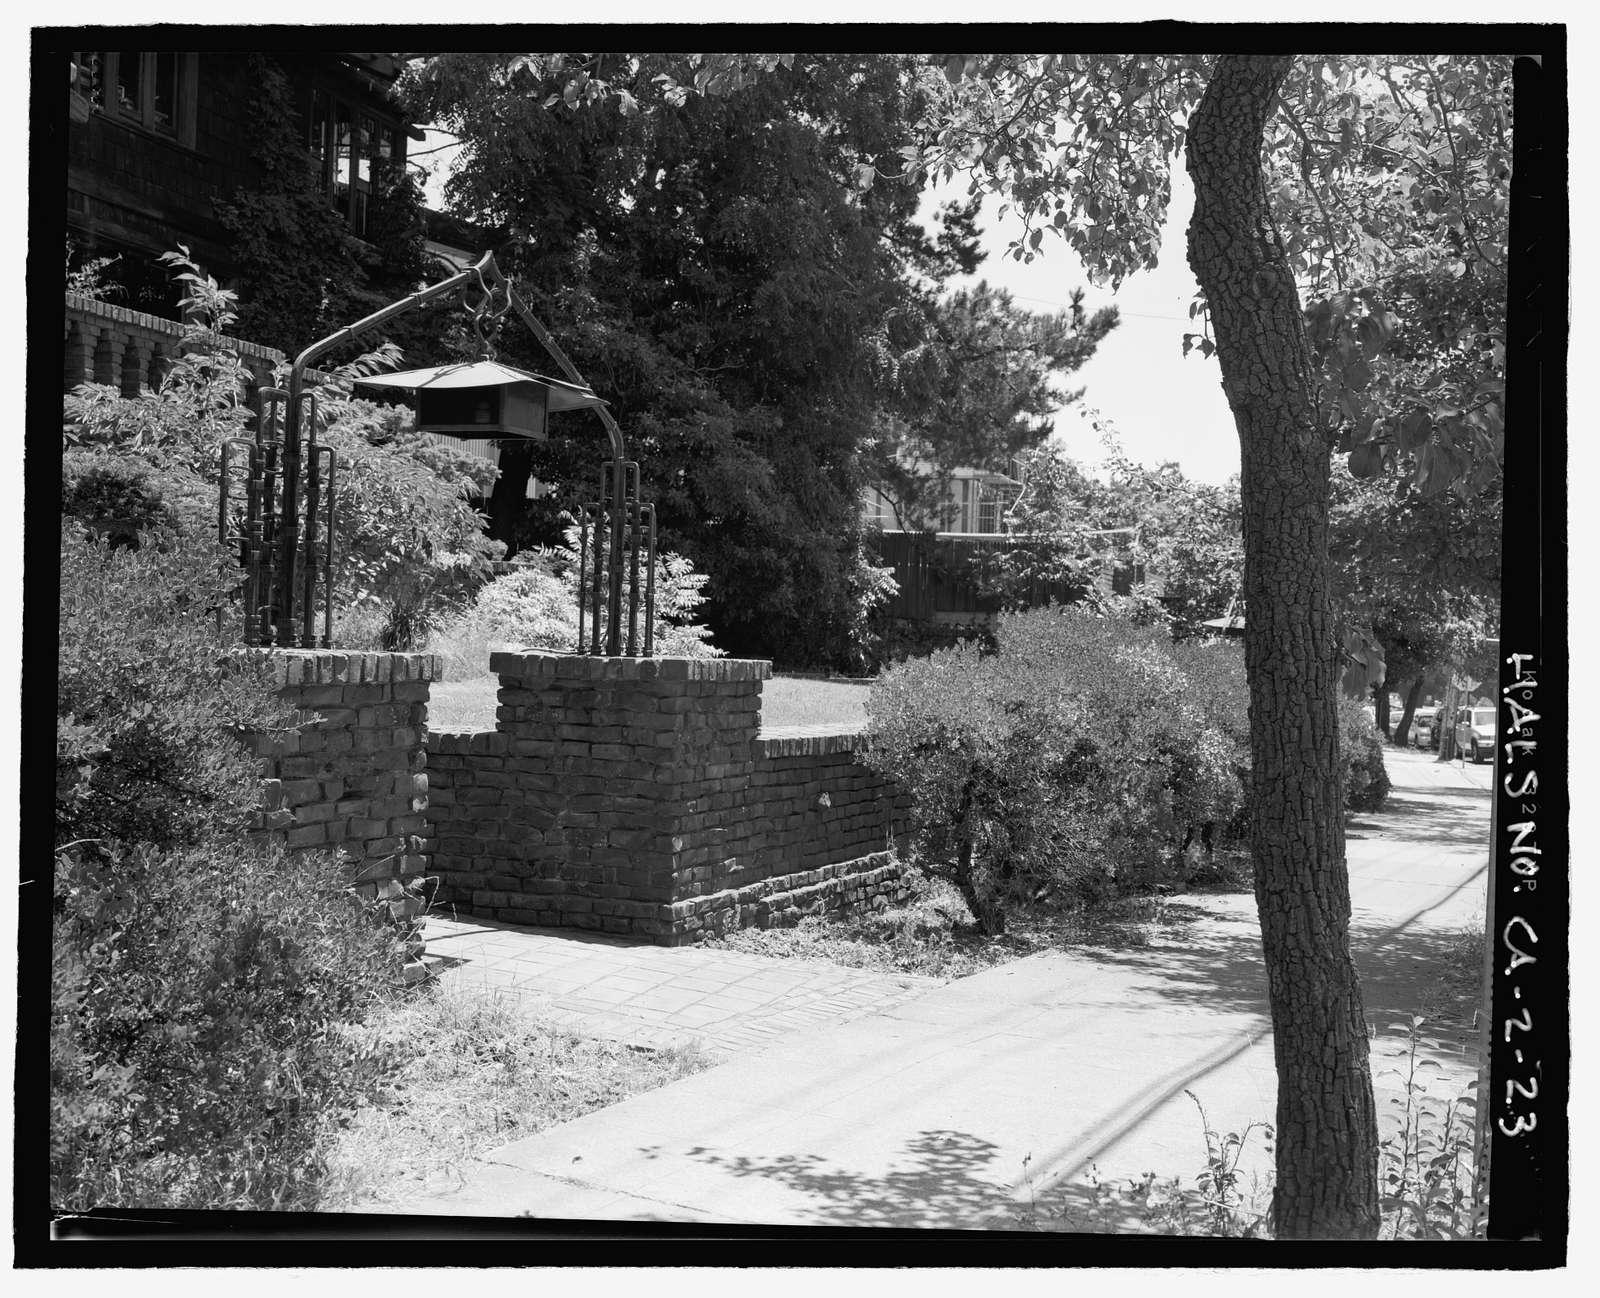 Piedmont Way & the Berkeley Property Tract, East of College Avenue between Dwight Way & U.C. Memorial Stadium, Berkeley, Alameda County, CA